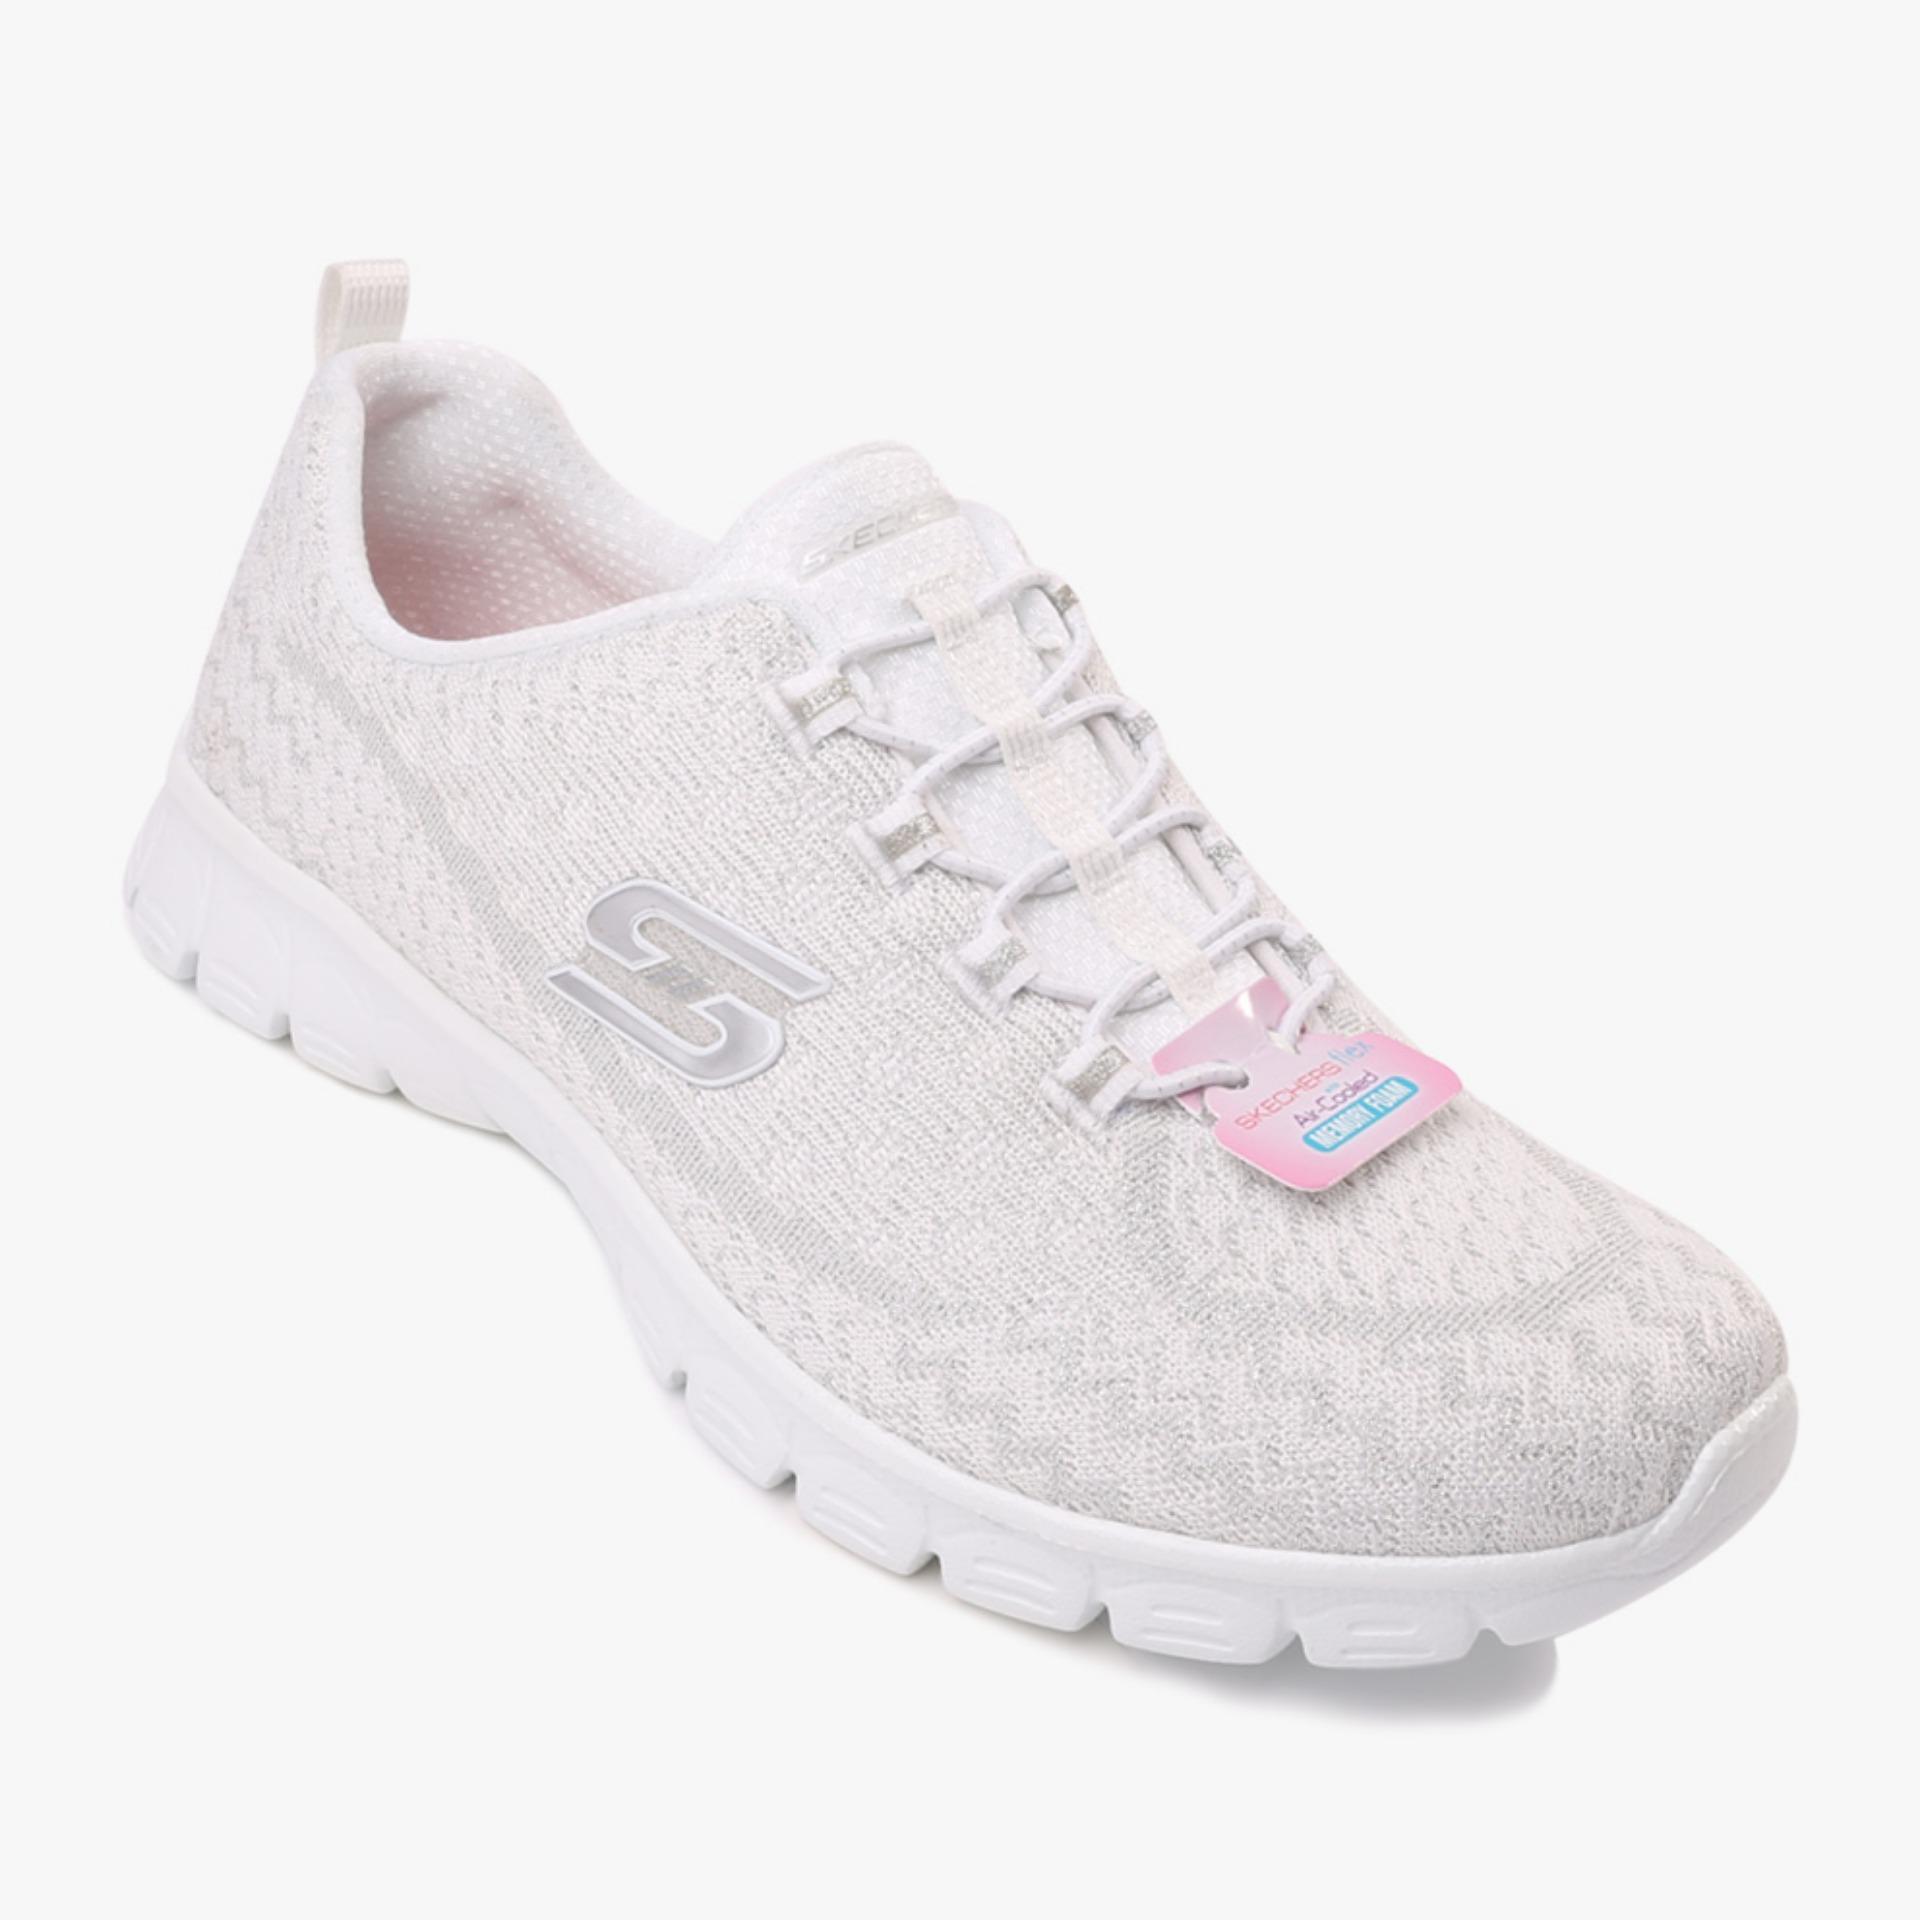 Beli Skechers Ez Flex 3 Estrella Women S Sneakers Putih Skechers Asli